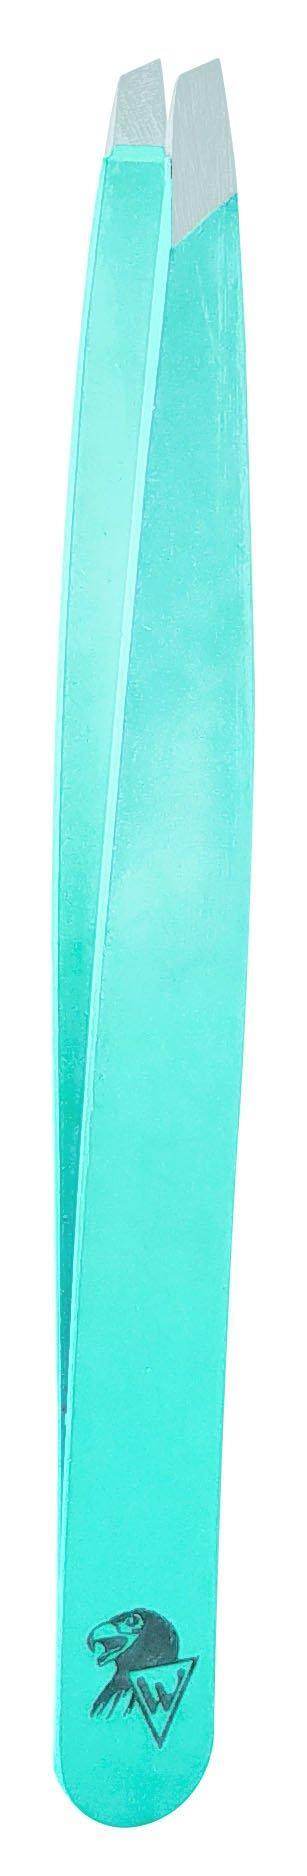 Kosmetikpinzette Profi -Superior-Line- in MINT 90.106.07-130zum Preis von 18.10 zzgl. Versand Hersteller : Heiko Wild